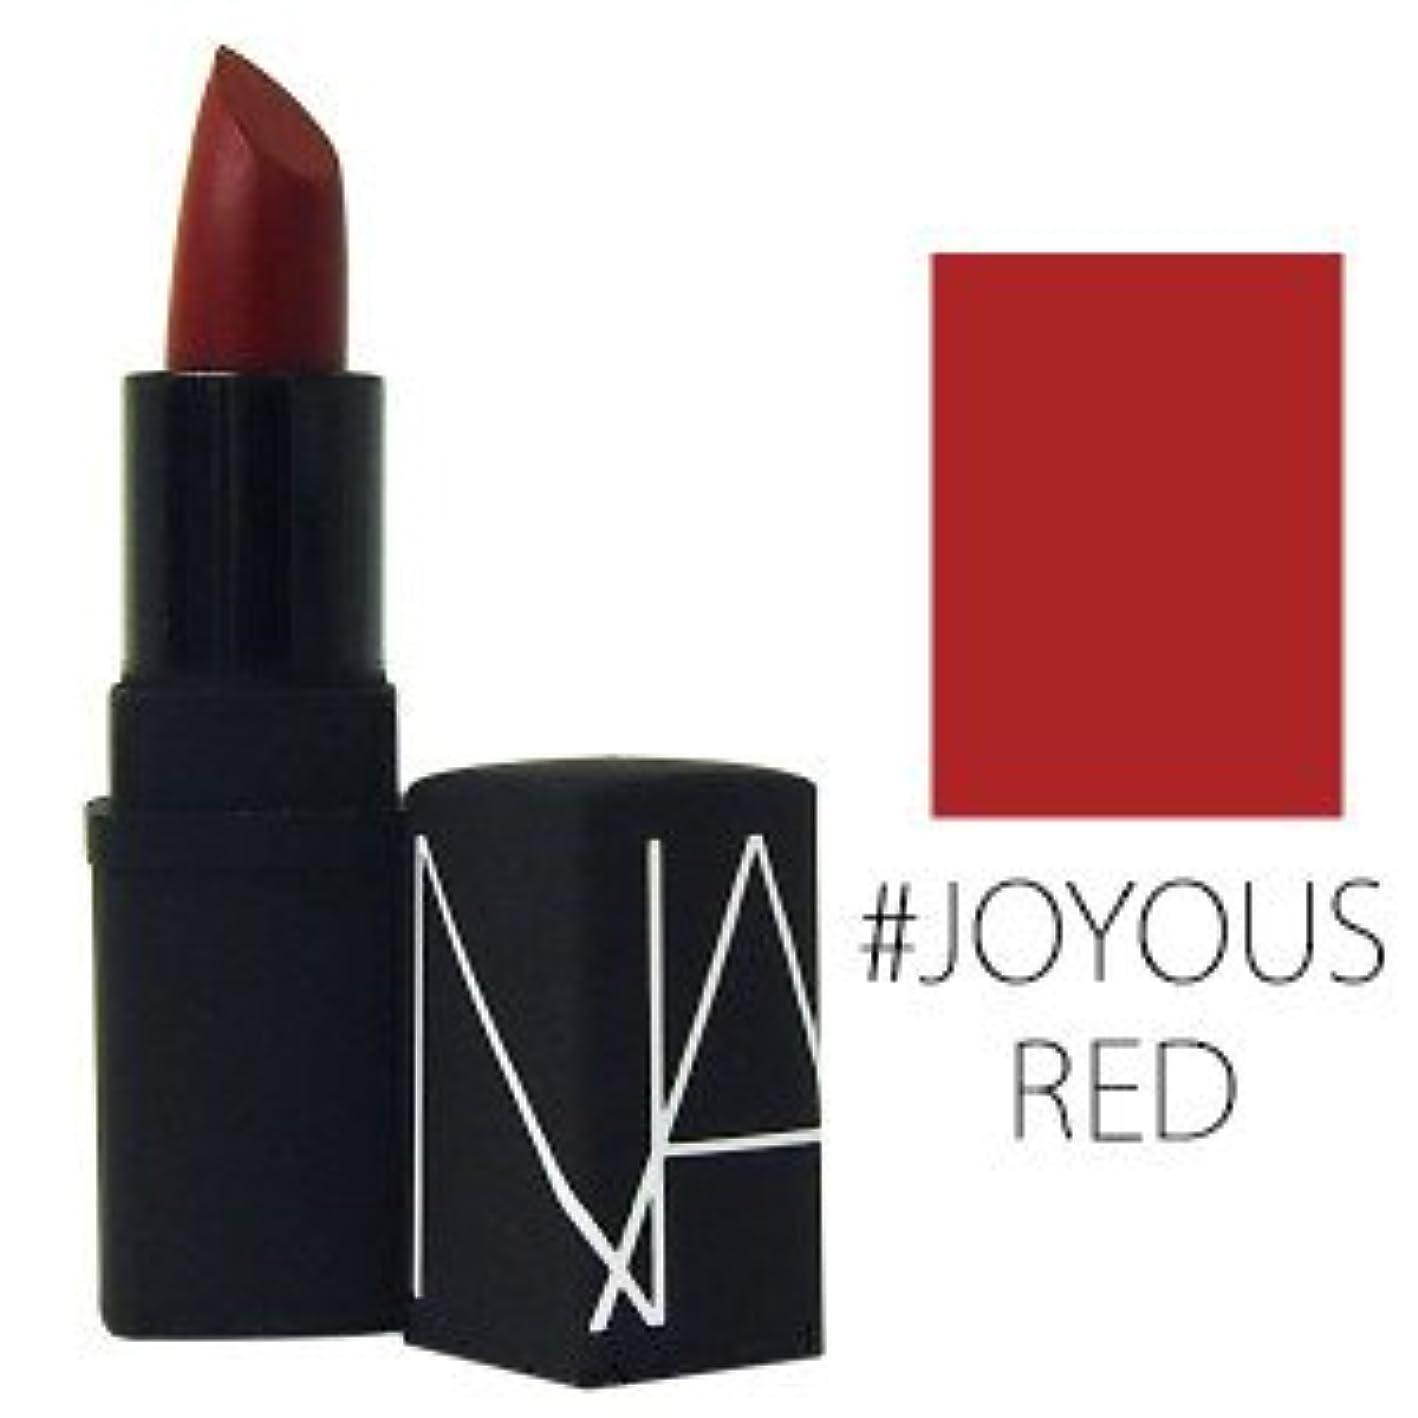 分モルヒネライブナーズ リップスティック セミマット #JOYOUS RED 1.7g(ミニ)